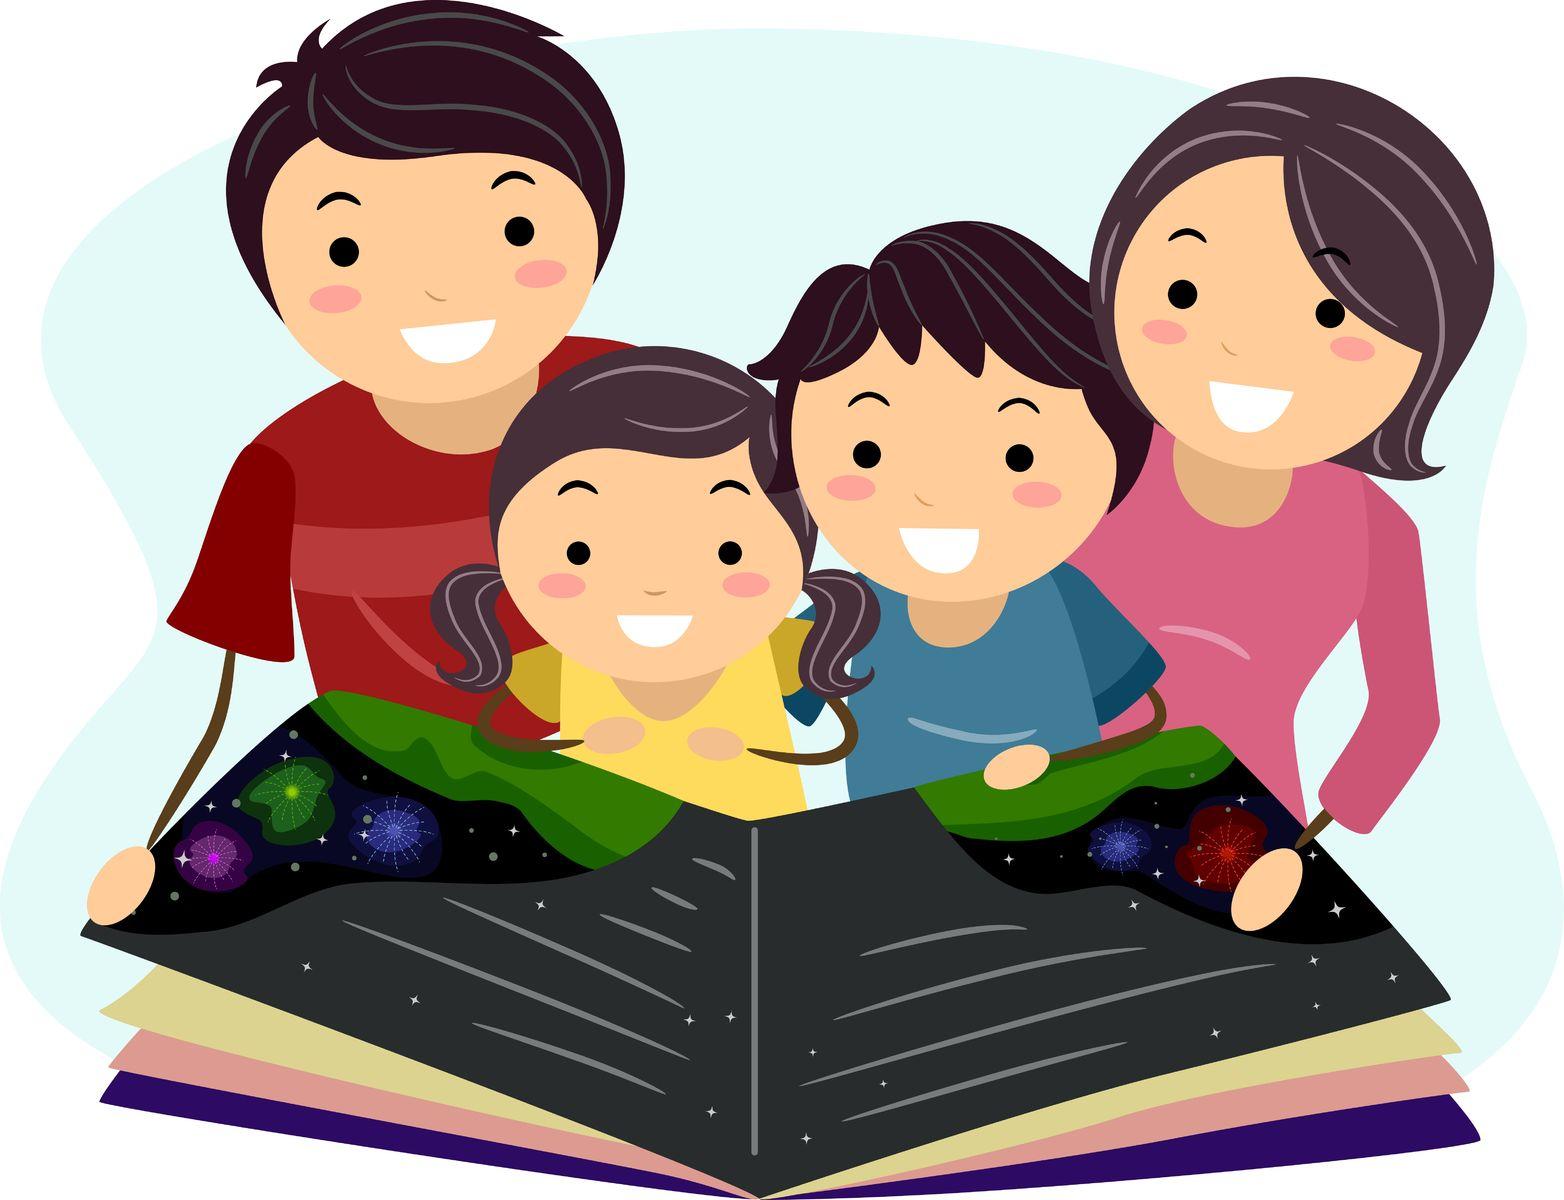 семья читает книги картинки на прозрачном фоне включены